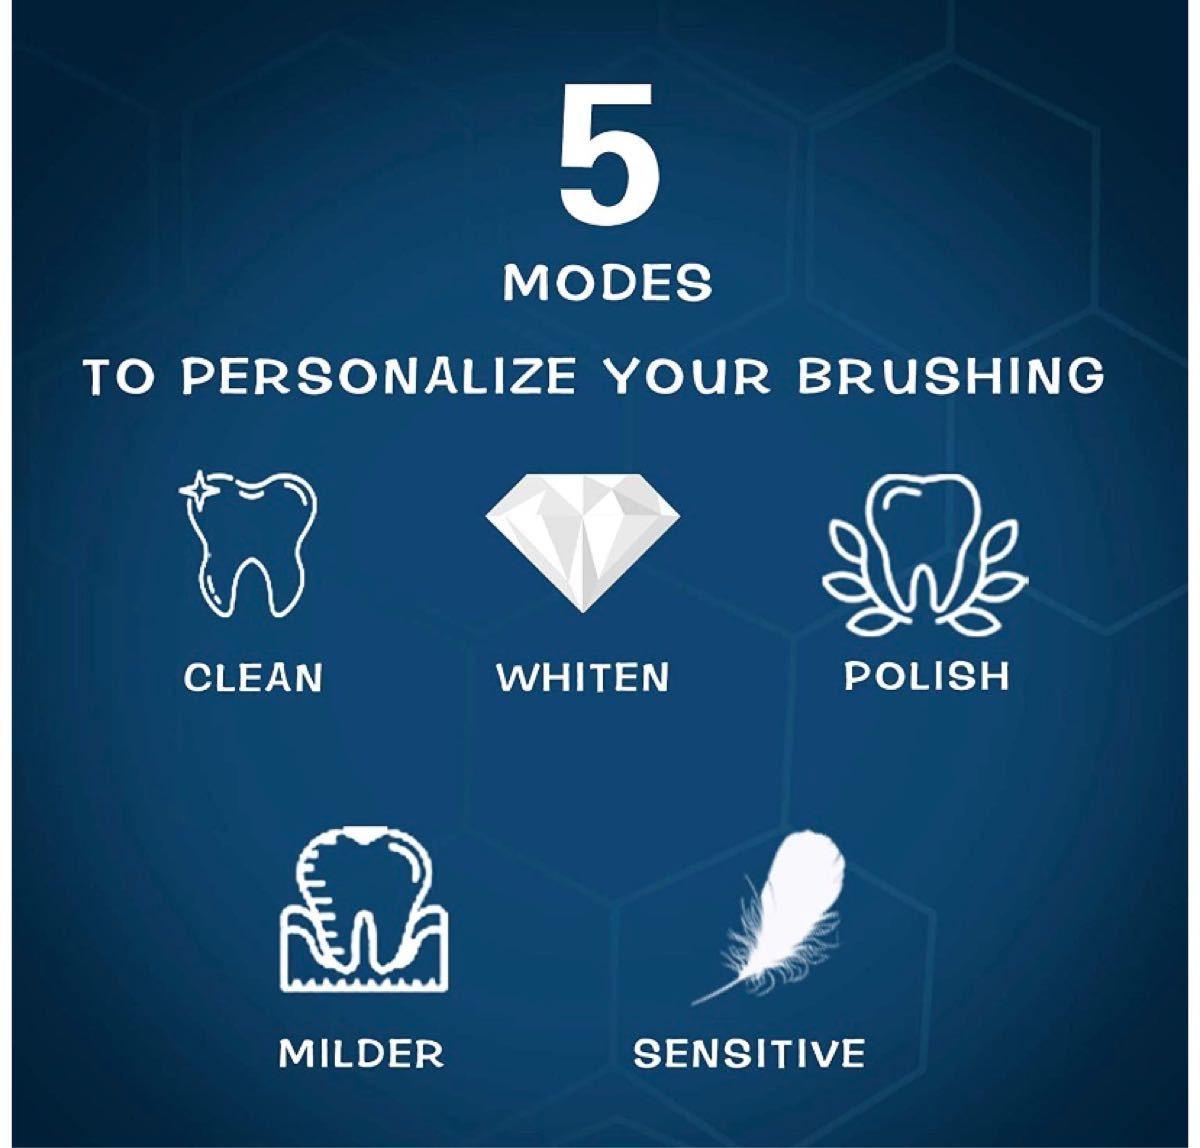 電動歯ブラシ 音波歯ブラシ用高度な磁気浮上モータ技術 歯ブラシ ハブラシ替えブラ5つのブラッシングモード2分間オートタイマーシ4本